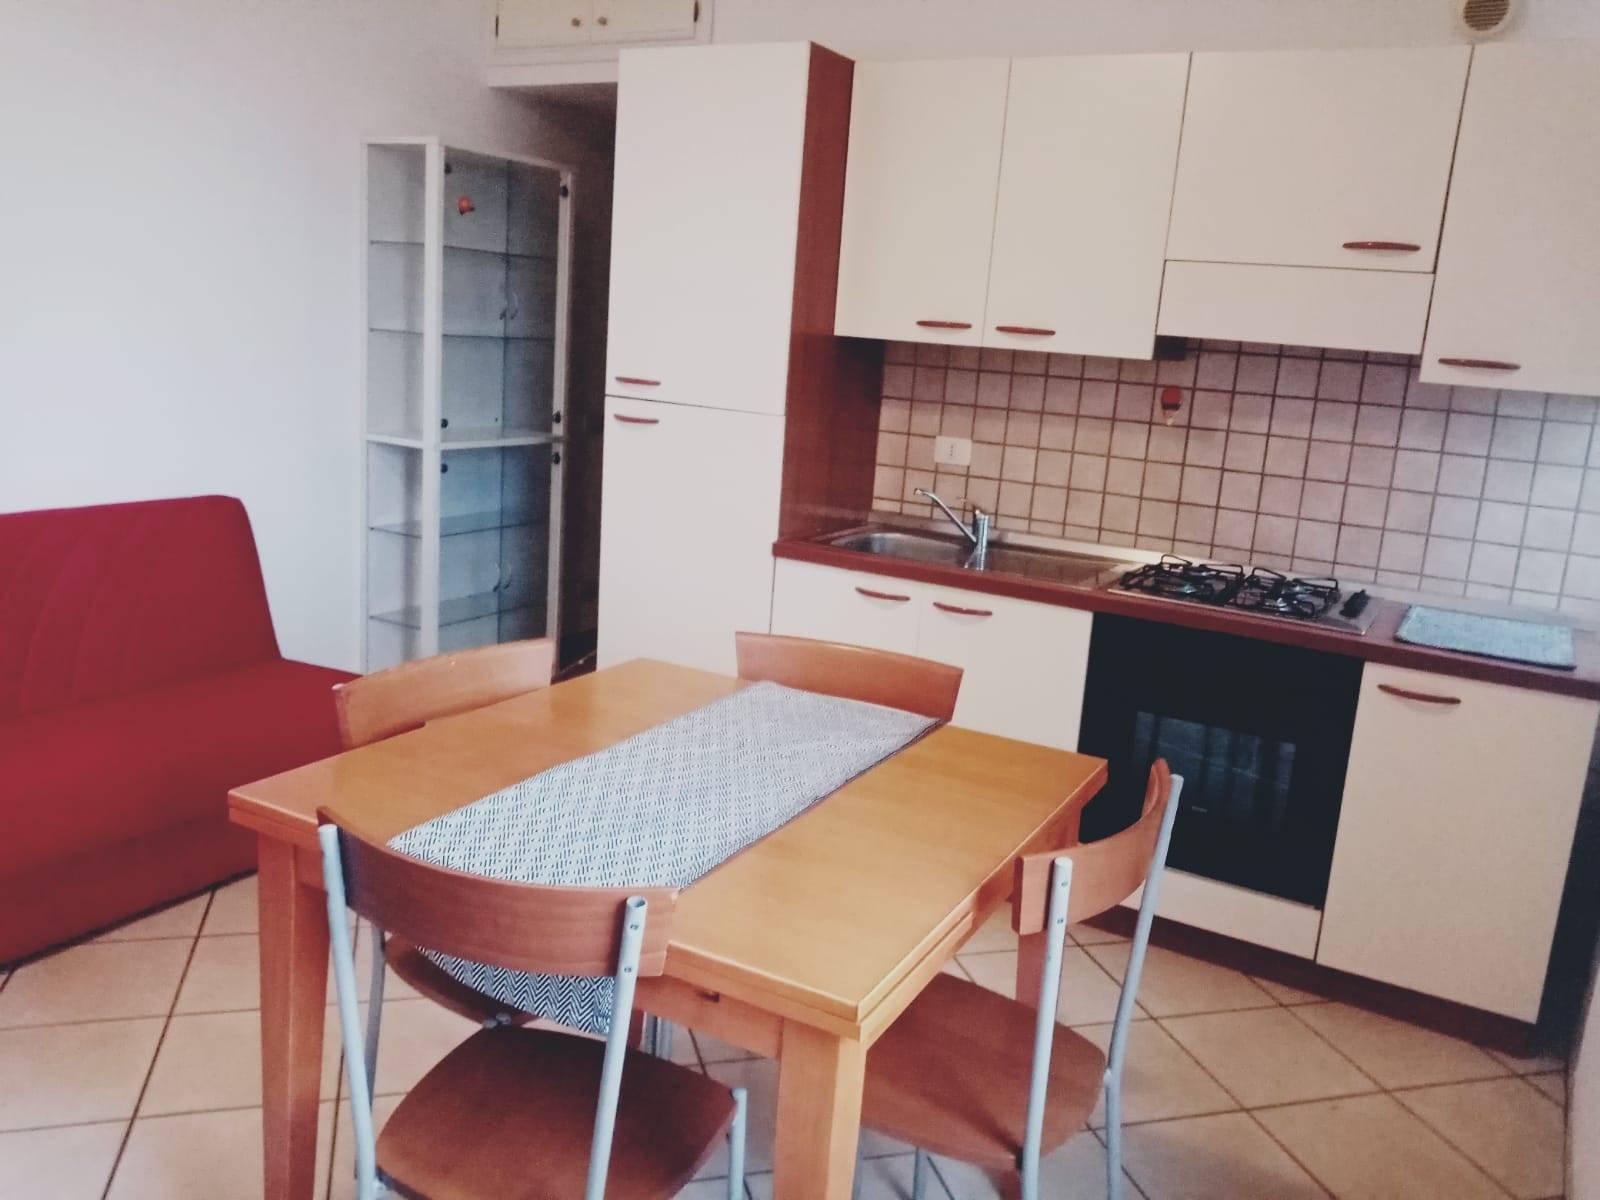 Appartamento Bilocale Arredato. L'immobile è situato in zona semicentrale vicino al Parco Uliveto vicino ai principali servizi di interessi della cittadina e non lontano del centro . L'abitazione,